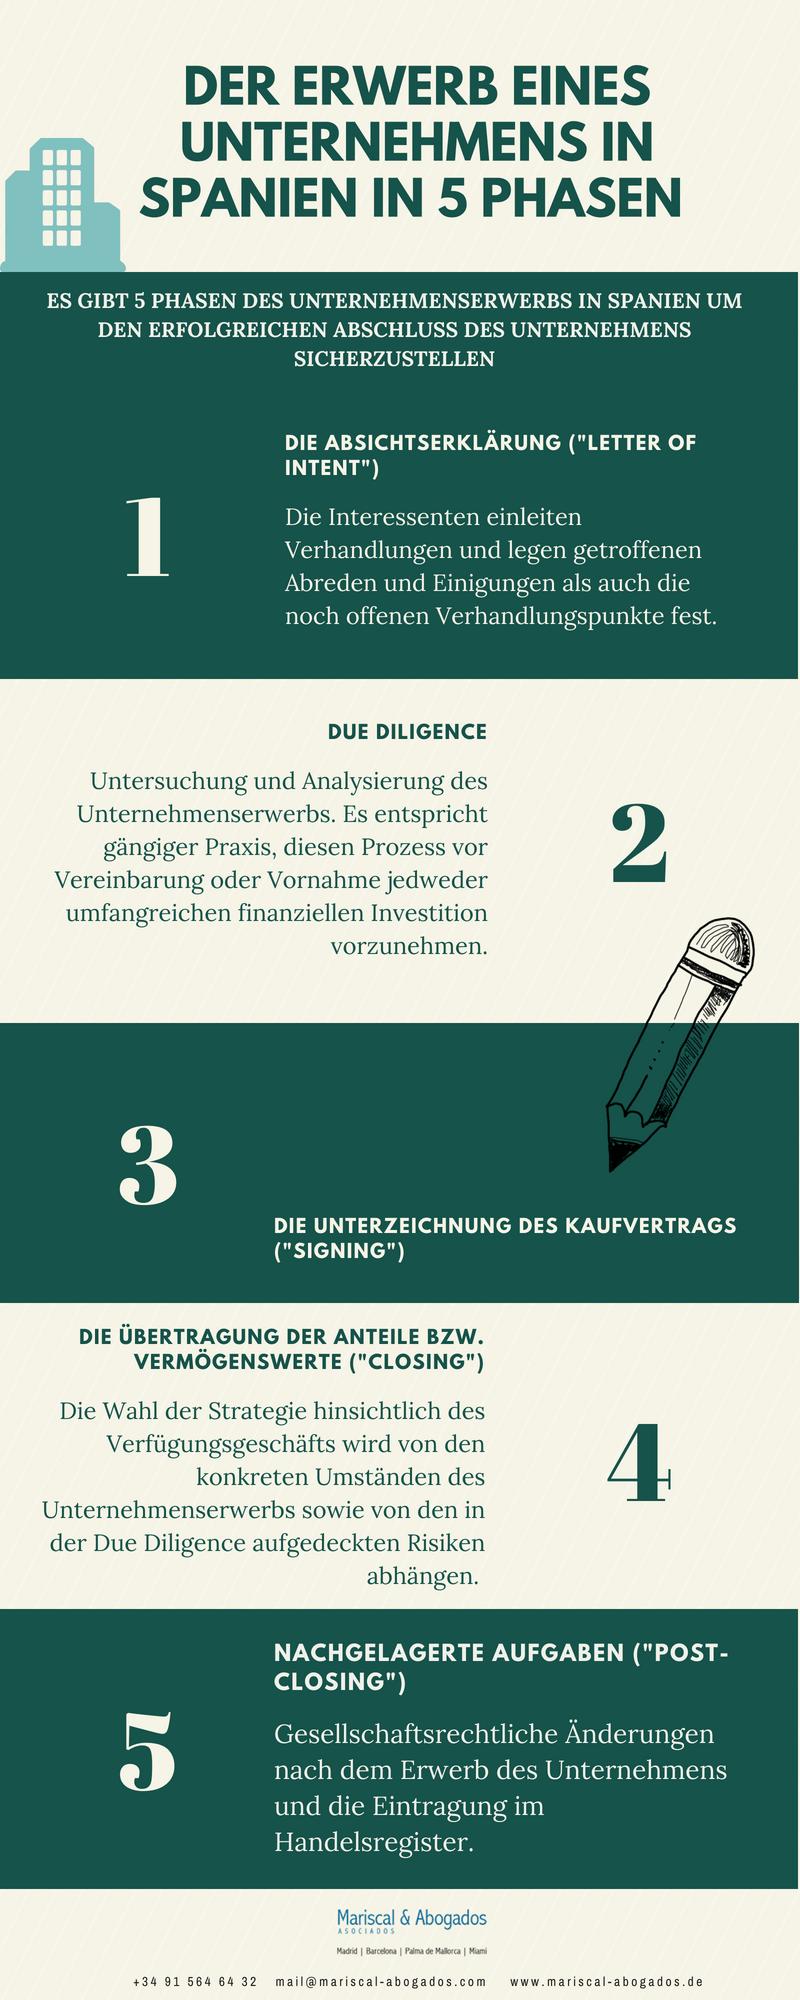 Der Erwerb eines Unternehmens in 5 Phasen